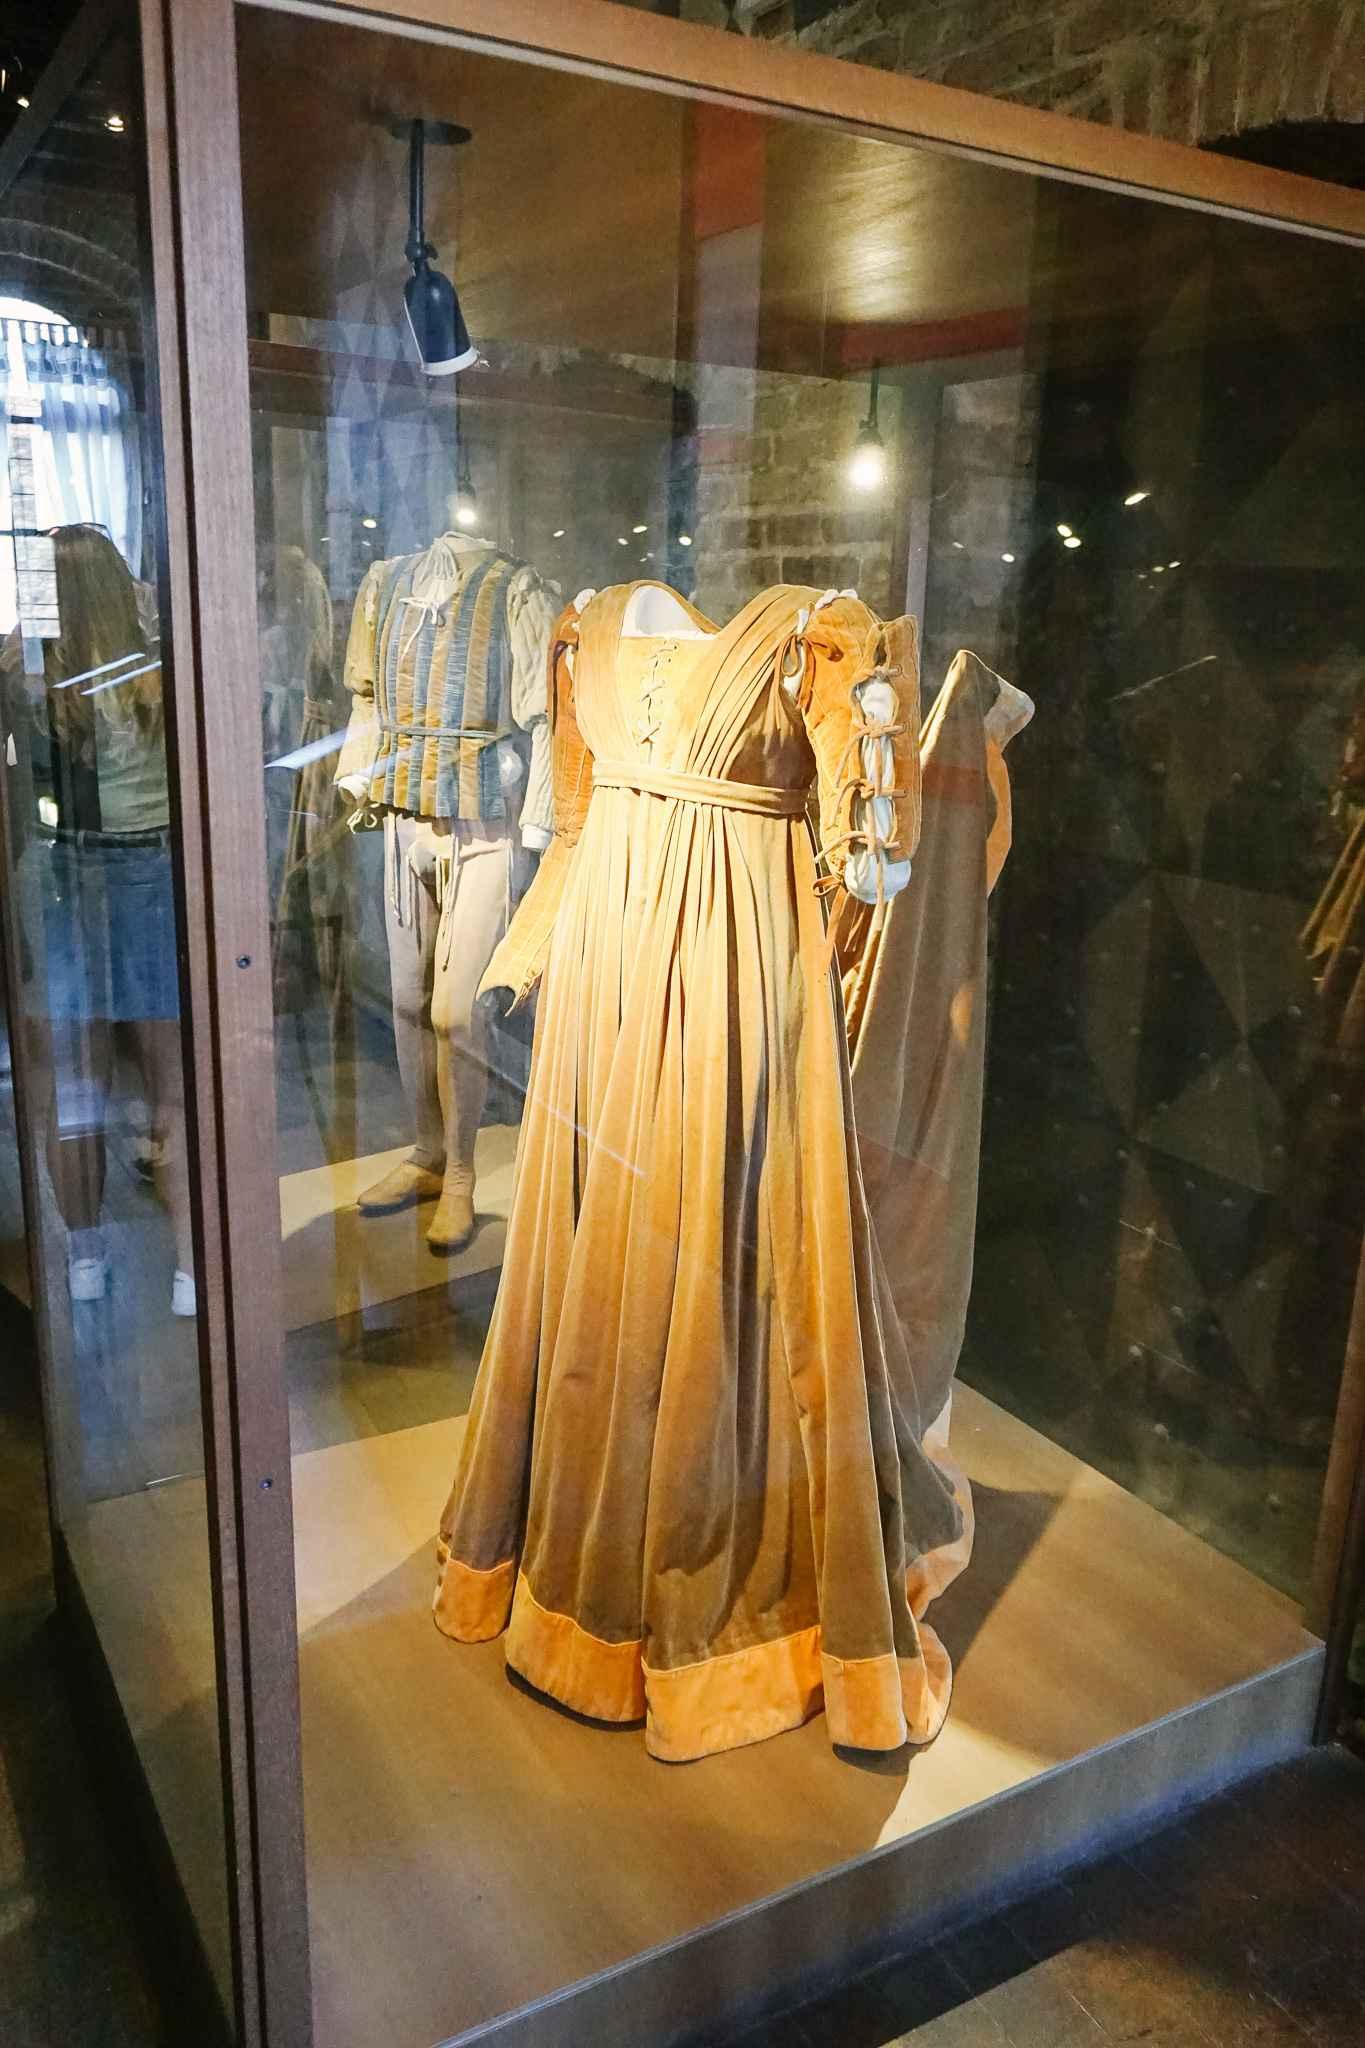 dress of Julia